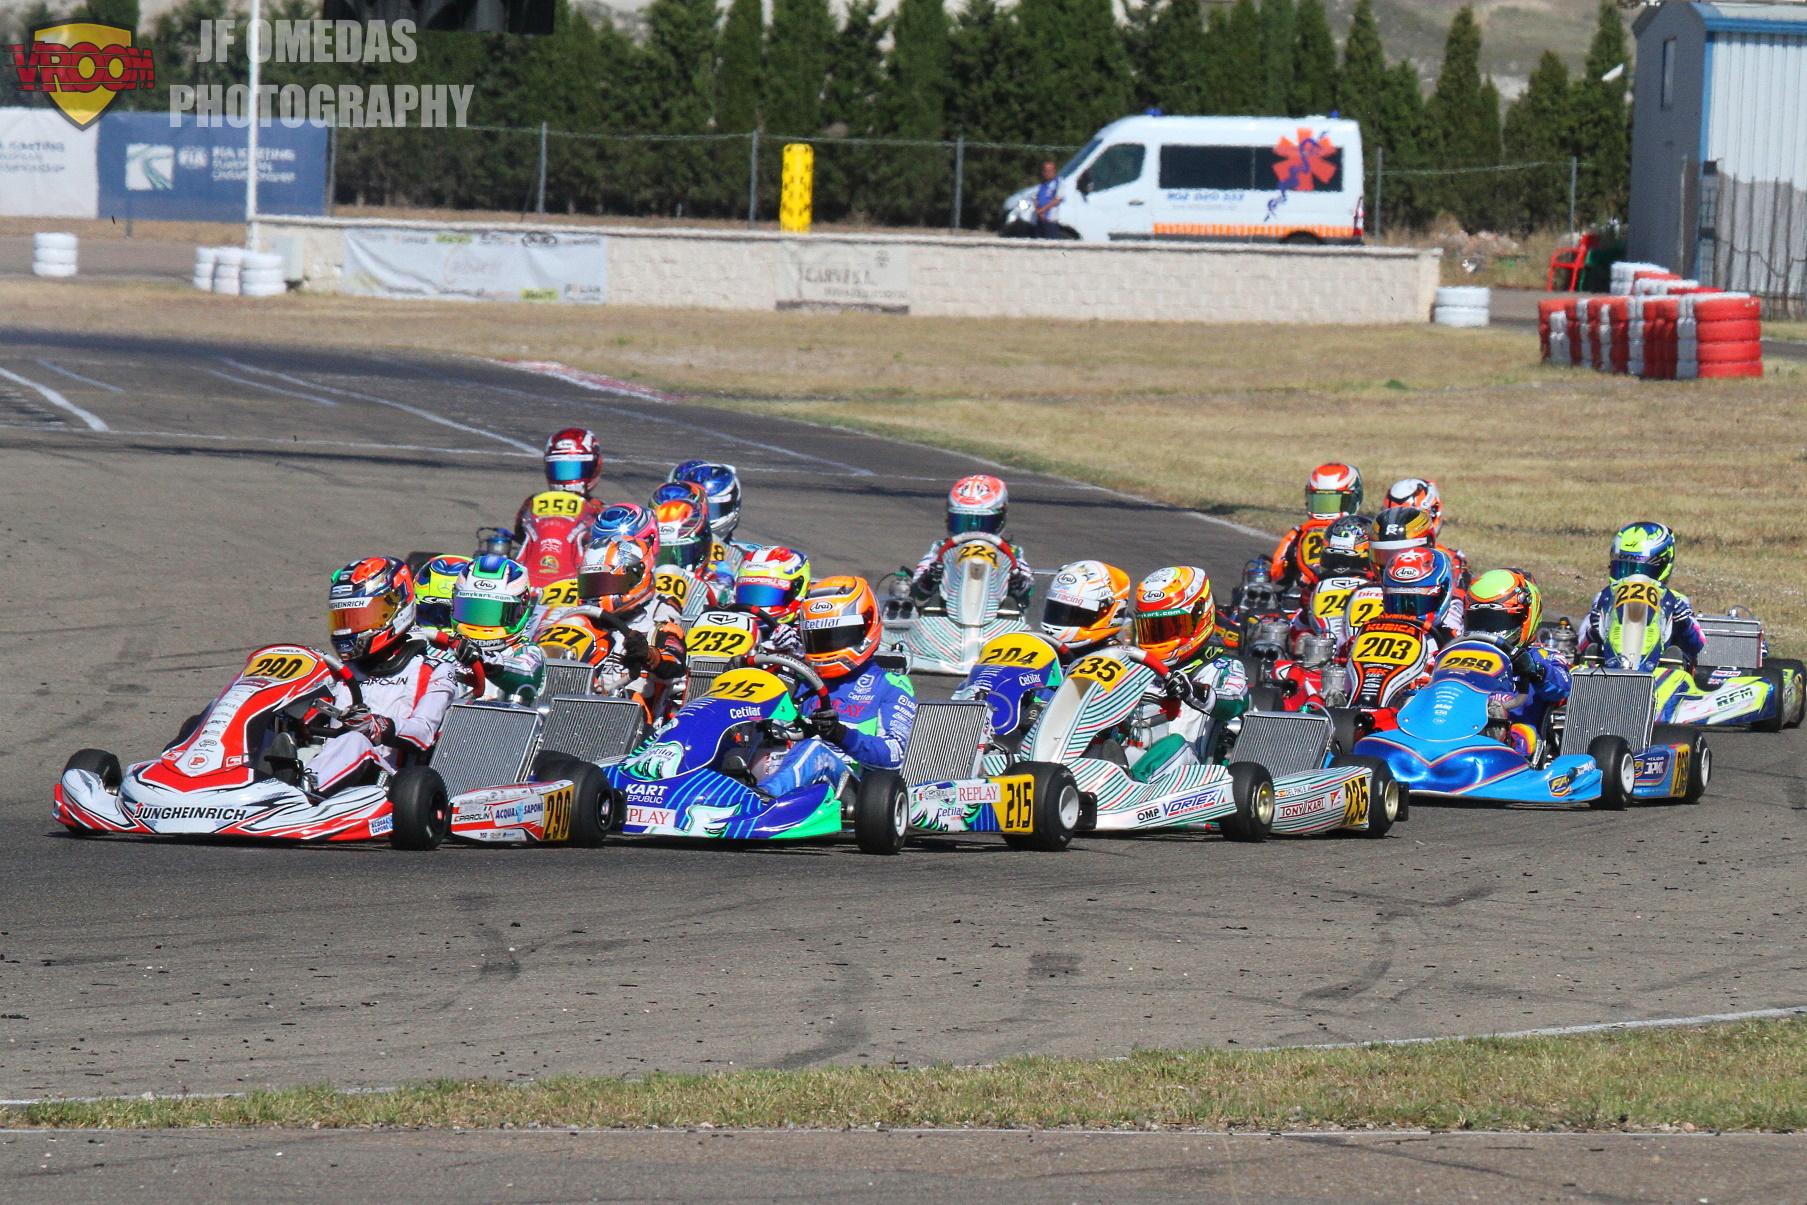 Campeonato de Europa OK/OKJ: nueve pilotos españoles en las finales